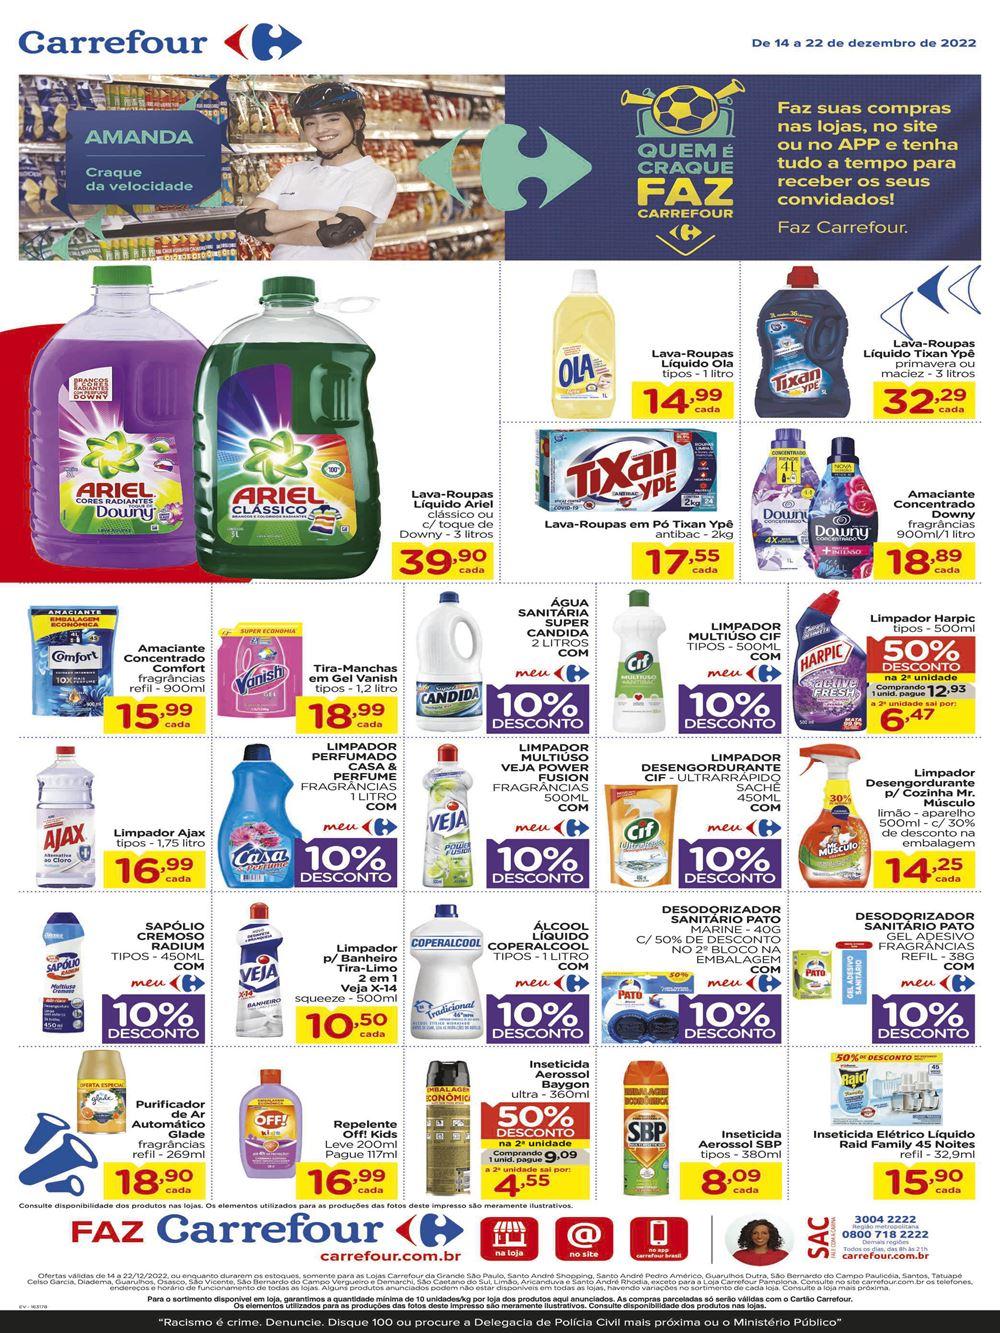 carrefour-ofertas-descontos-hoje10-15 Carrefour até 08/08